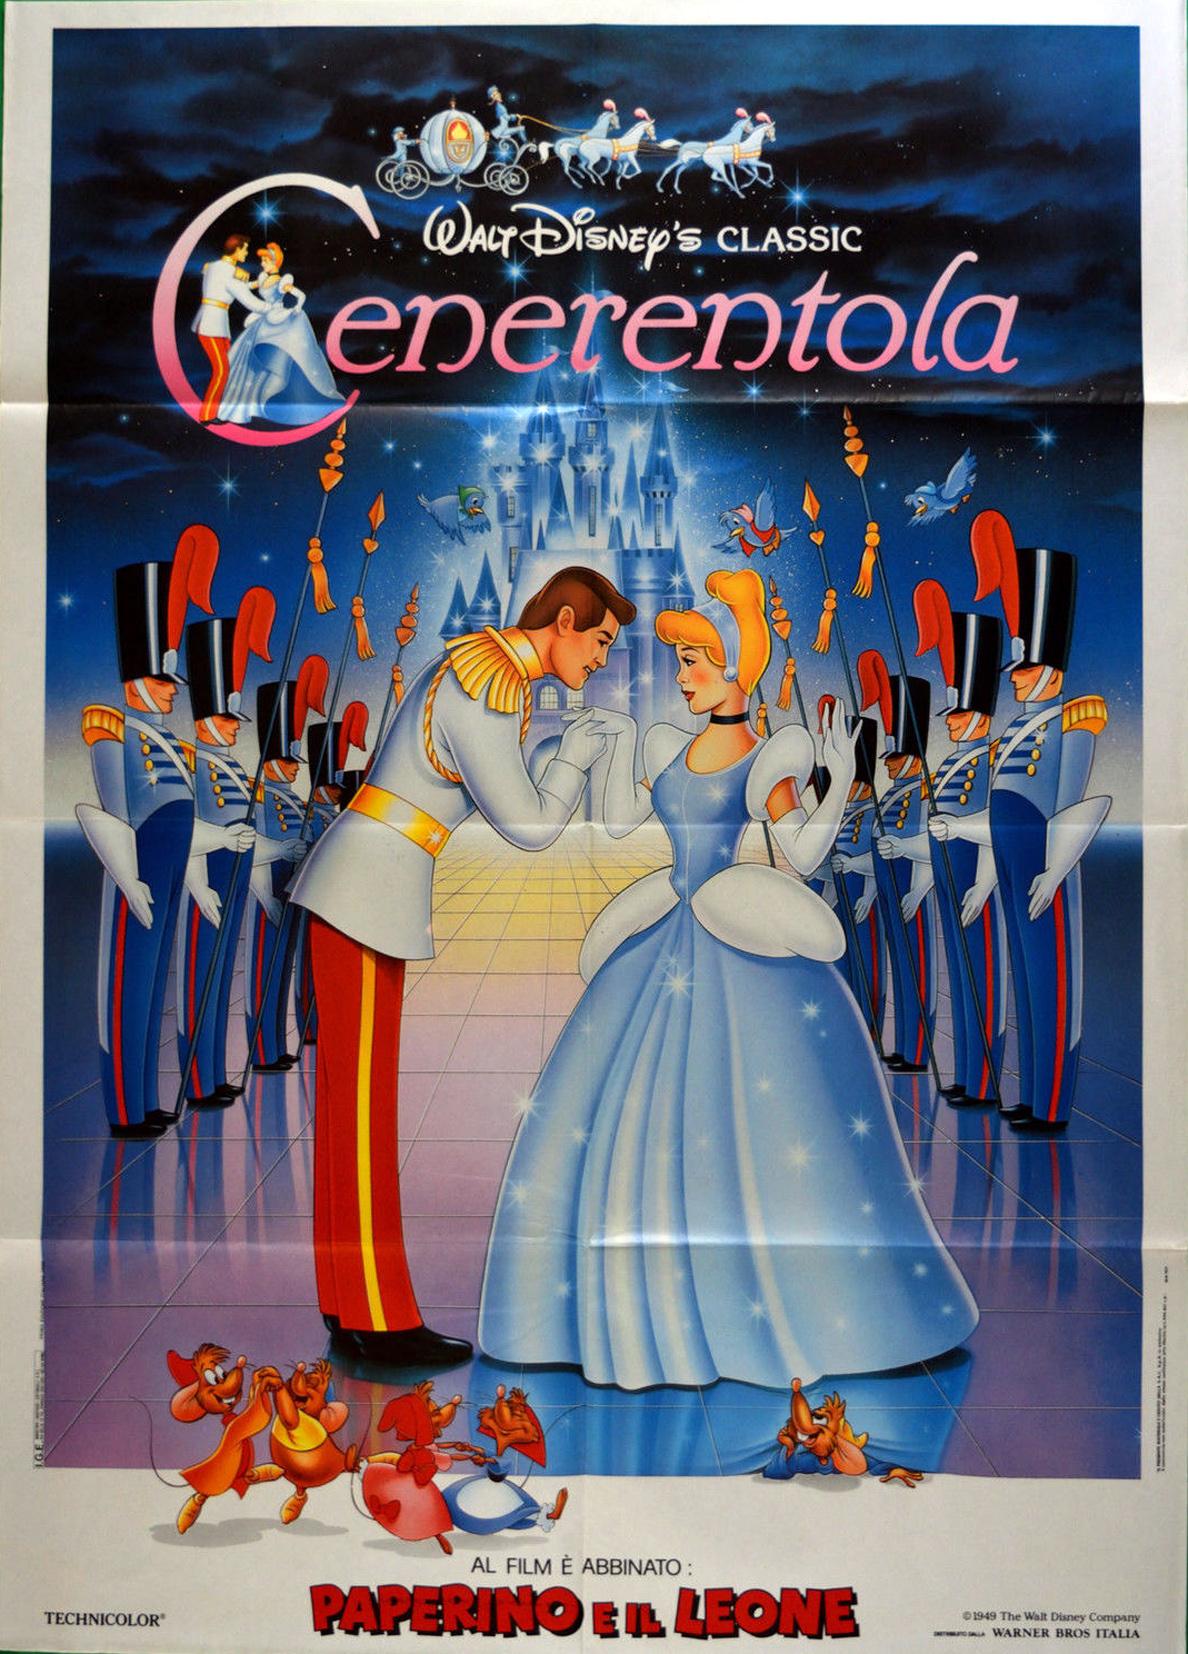 Principesse Disney, le foto della mostra a Milano